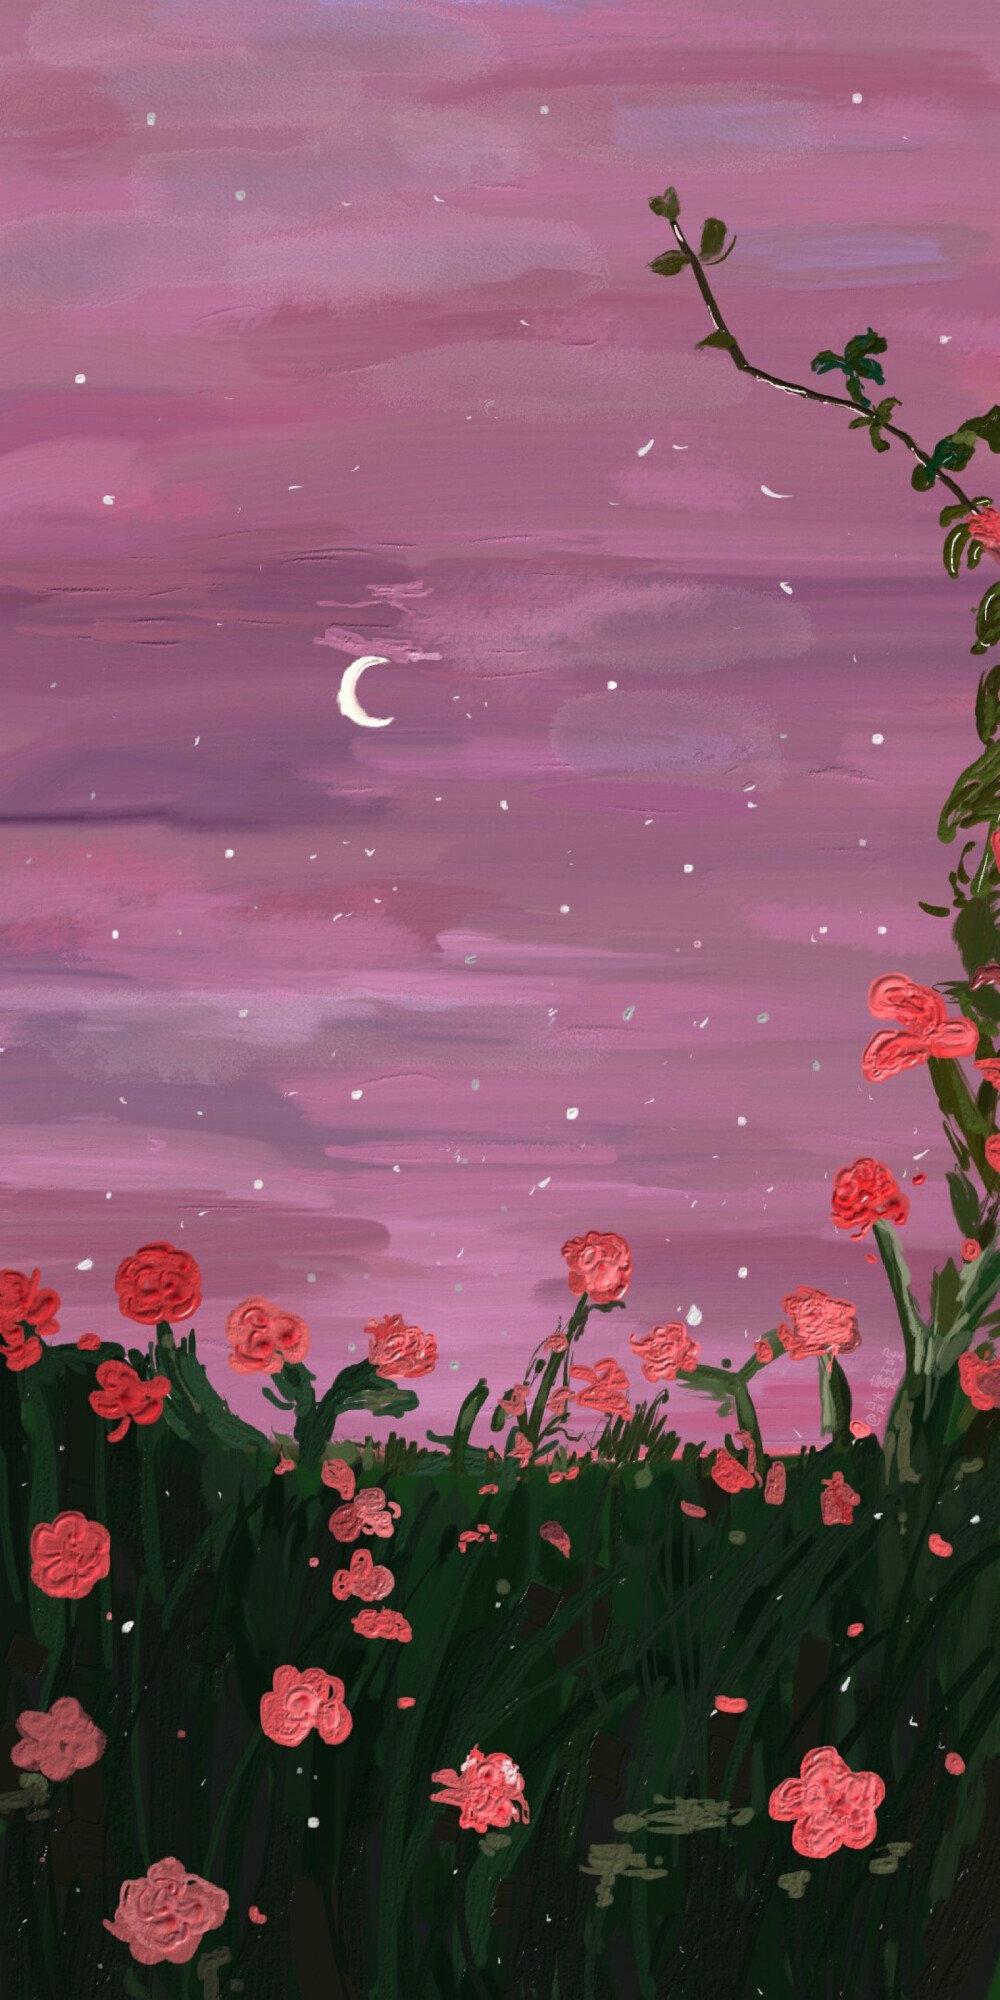 晚安句子心情美图0717:这辈子我先放手了,下辈子记得带我回家